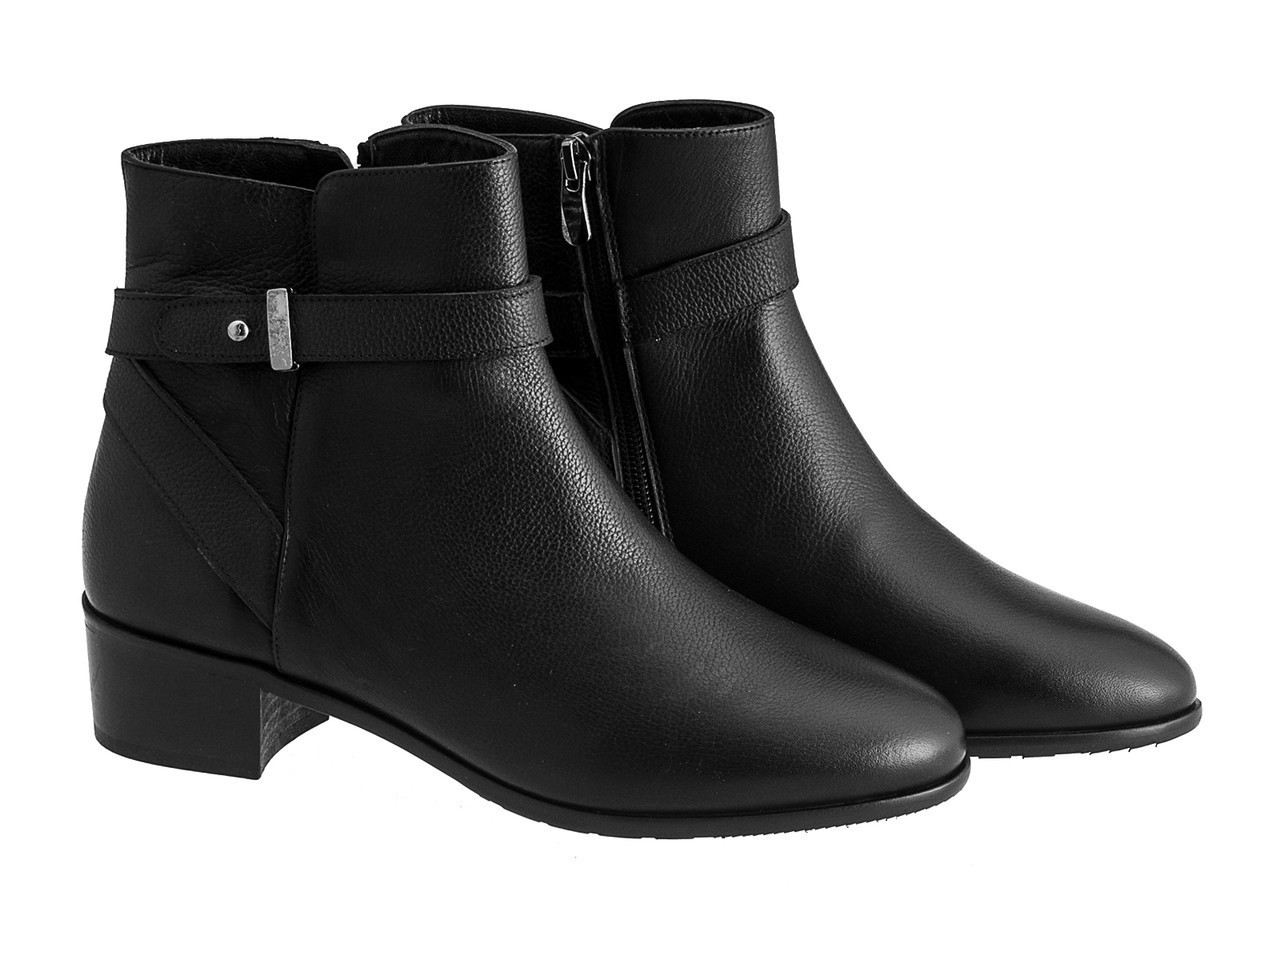 Ботинки Etor 3586-04-3553 39 черные